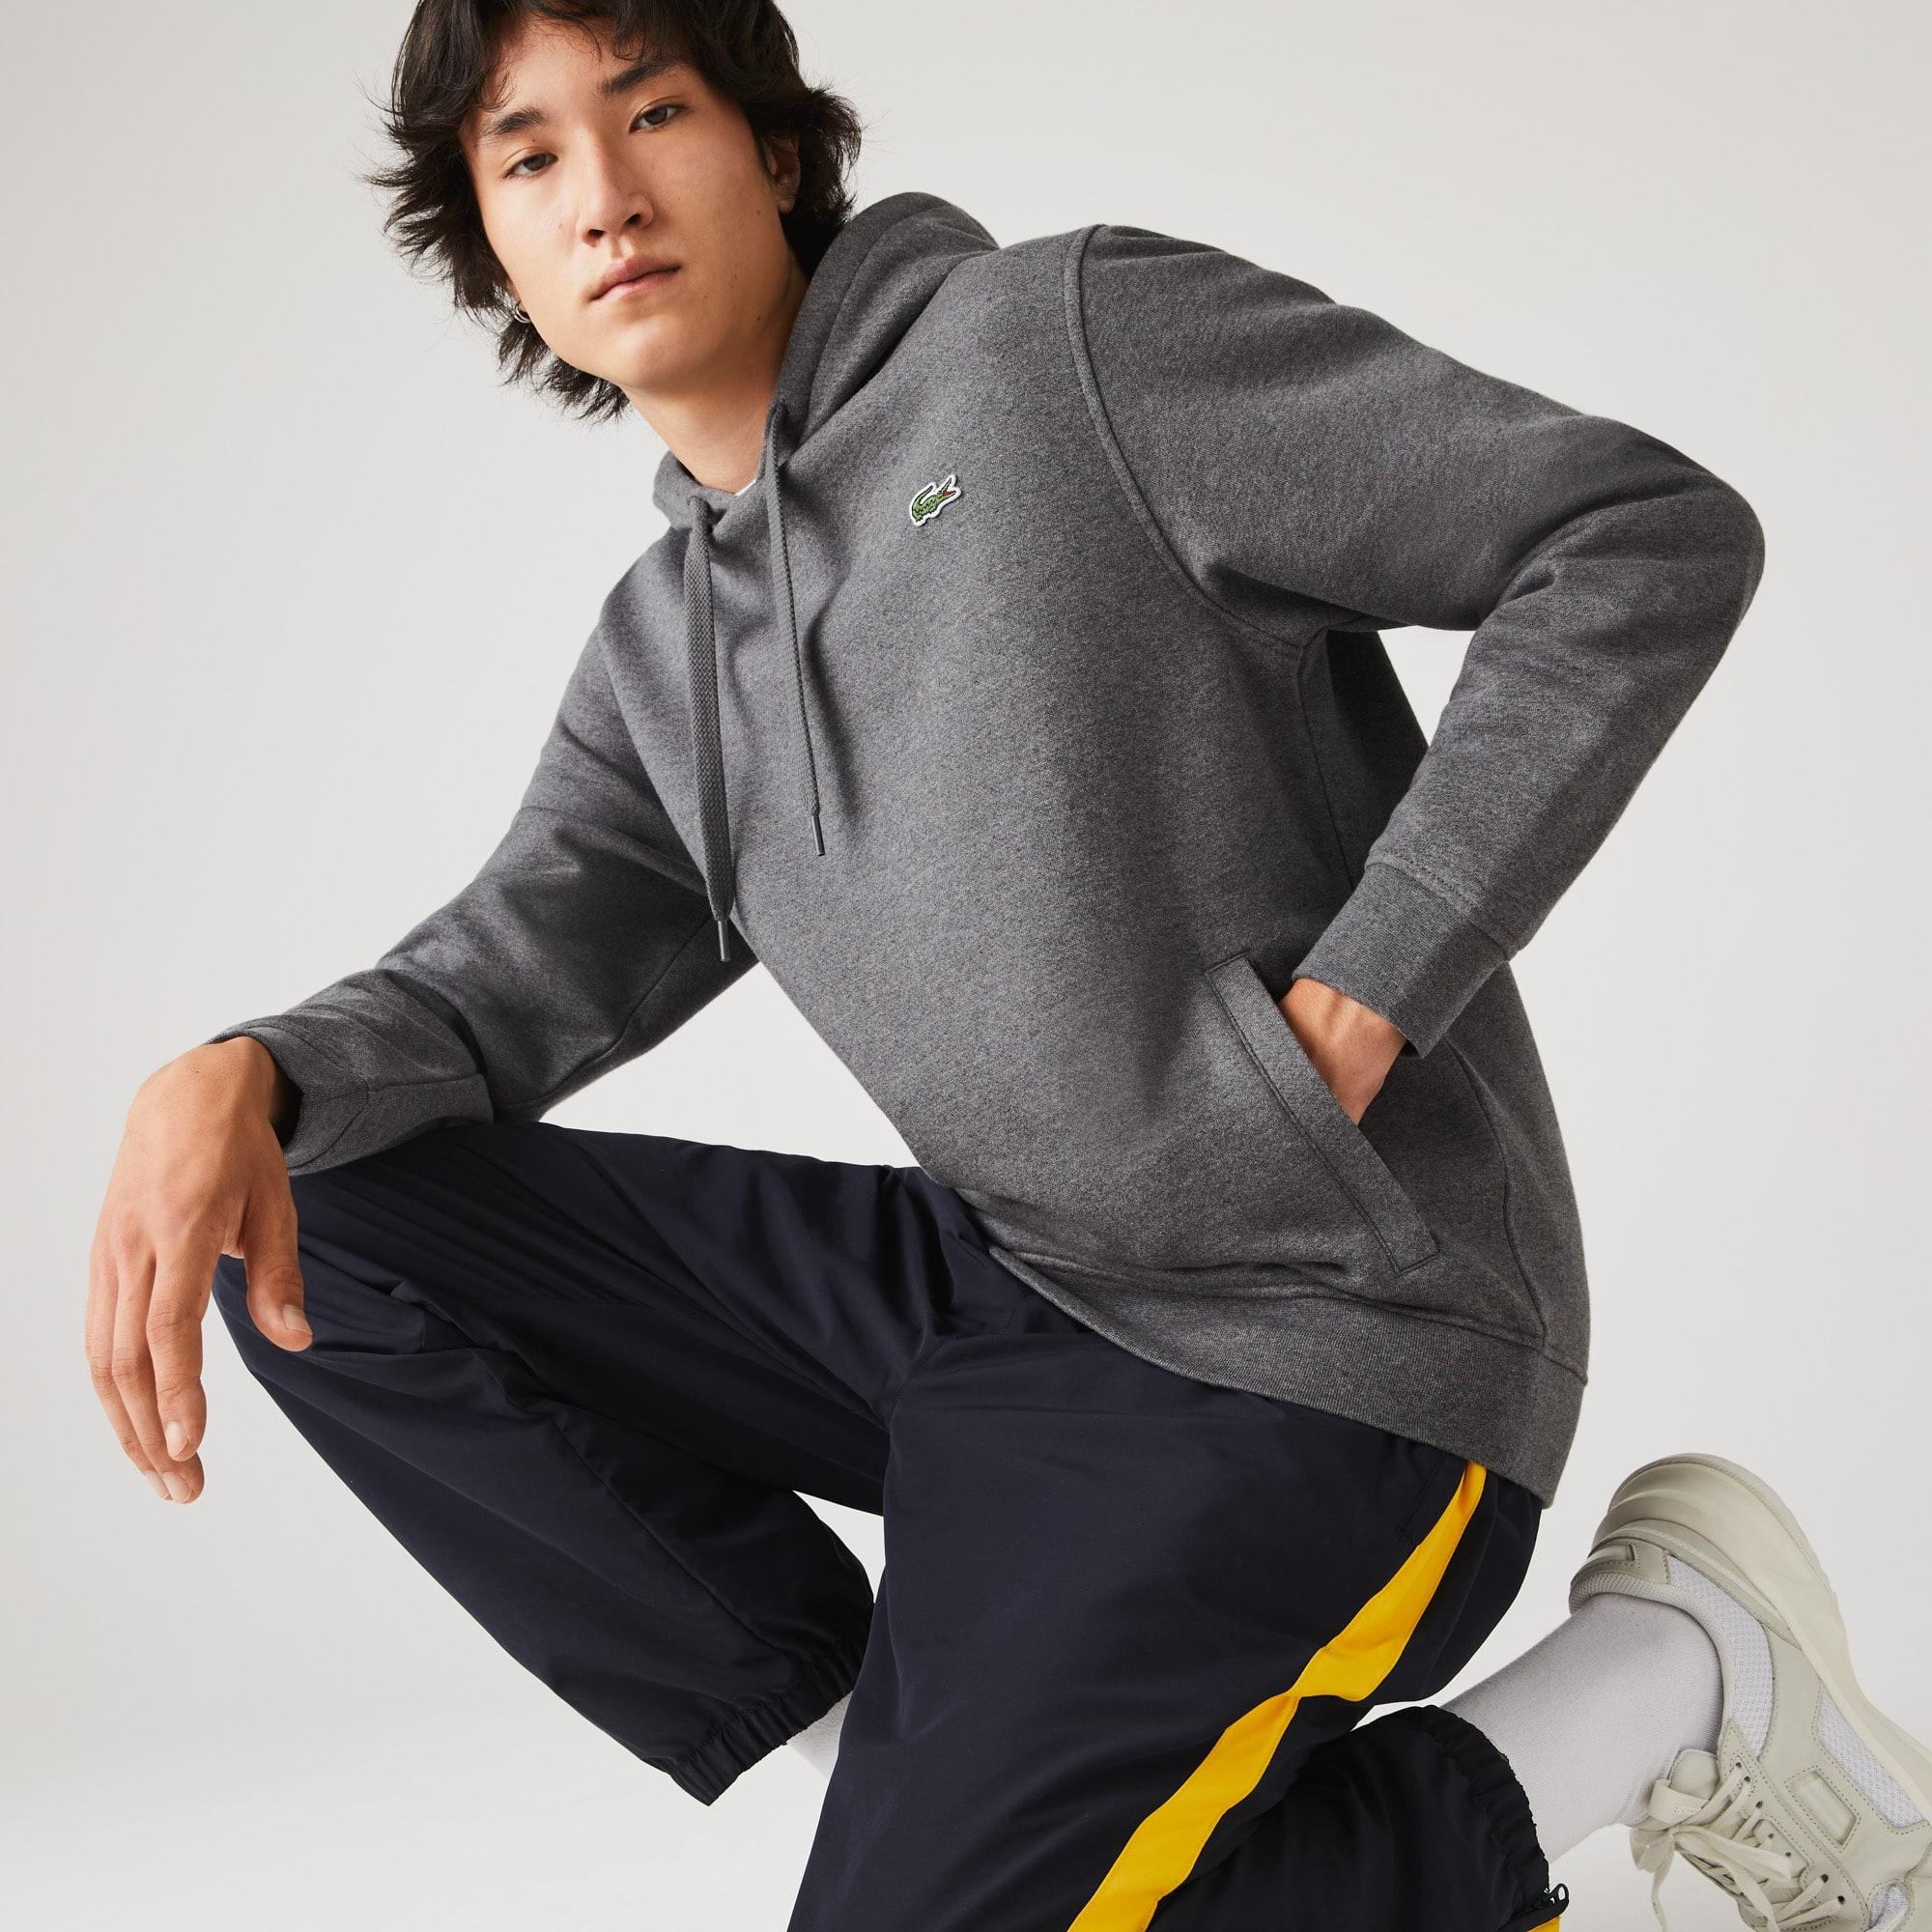 라코스테 스포츠 후드티 Mens Lacoste SPORT Hooded Fleece Sweatshirt